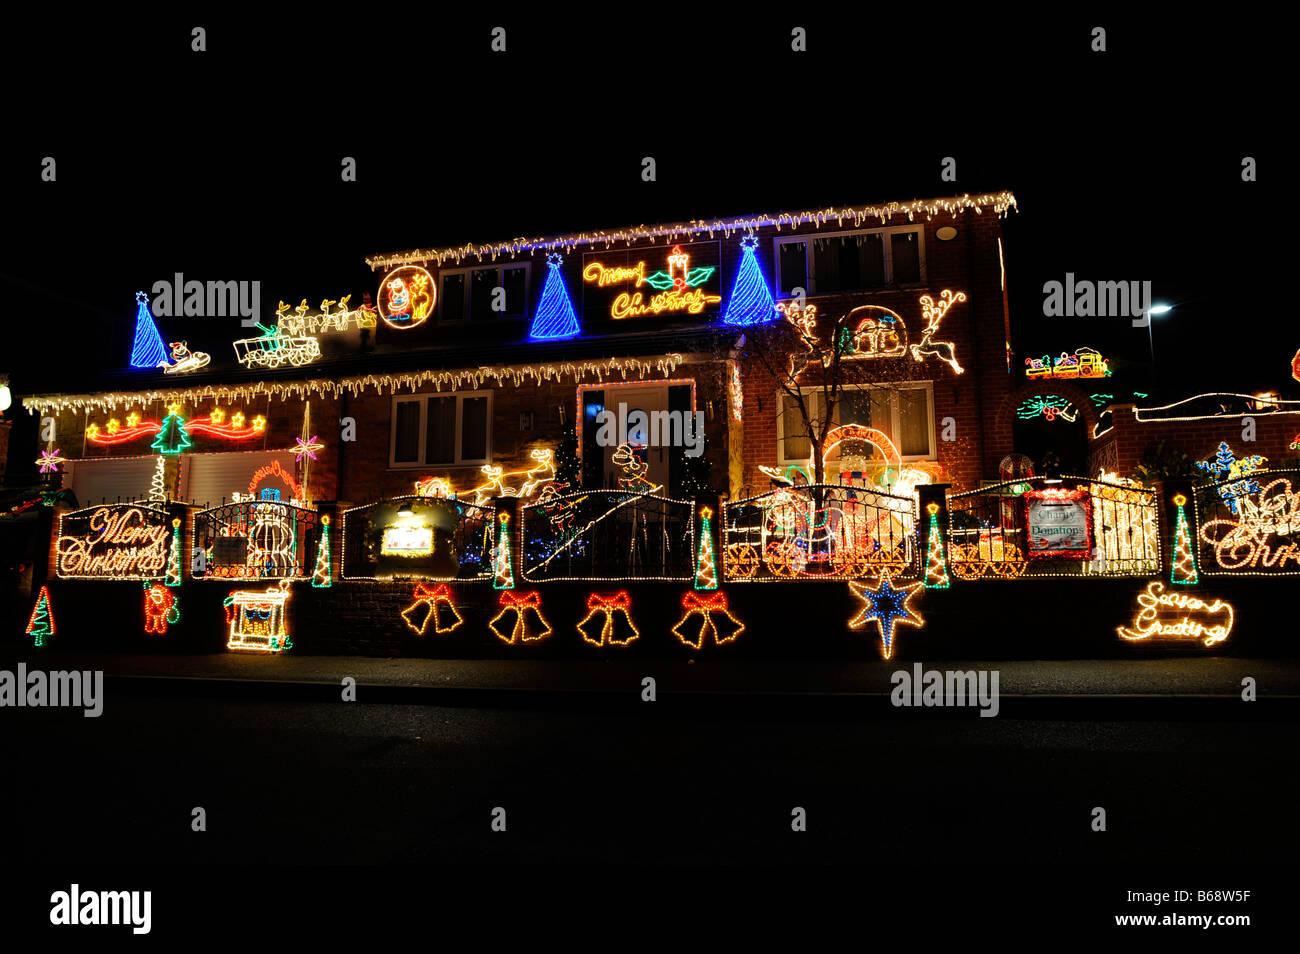 House Christmas Lights Outside Uk Stock Photos & House Christmas ...